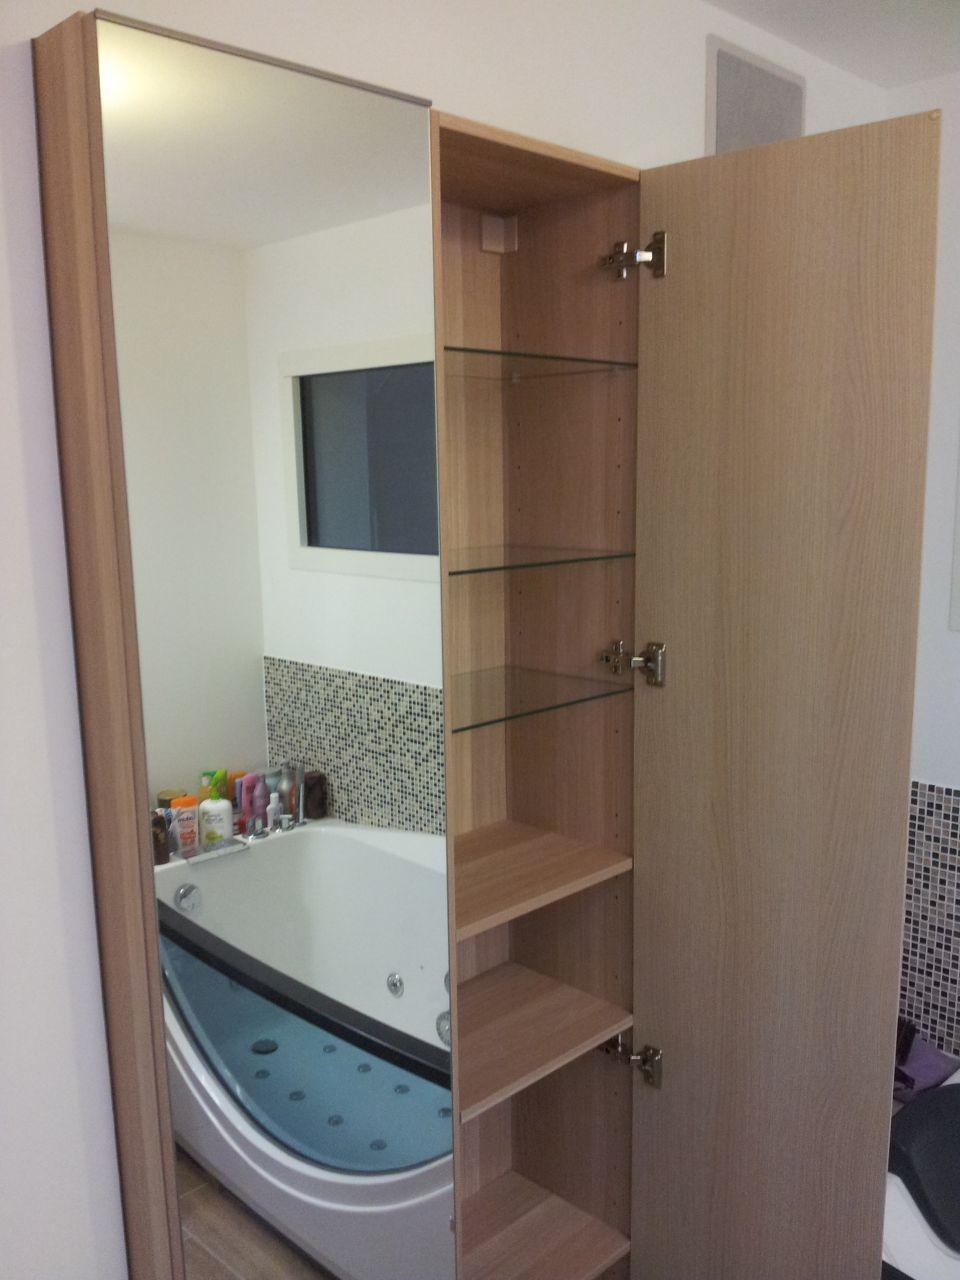 toilettes pour invit s d coration salon moderne design baroque adaptateur goutti re. Black Bedroom Furniture Sets. Home Design Ideas